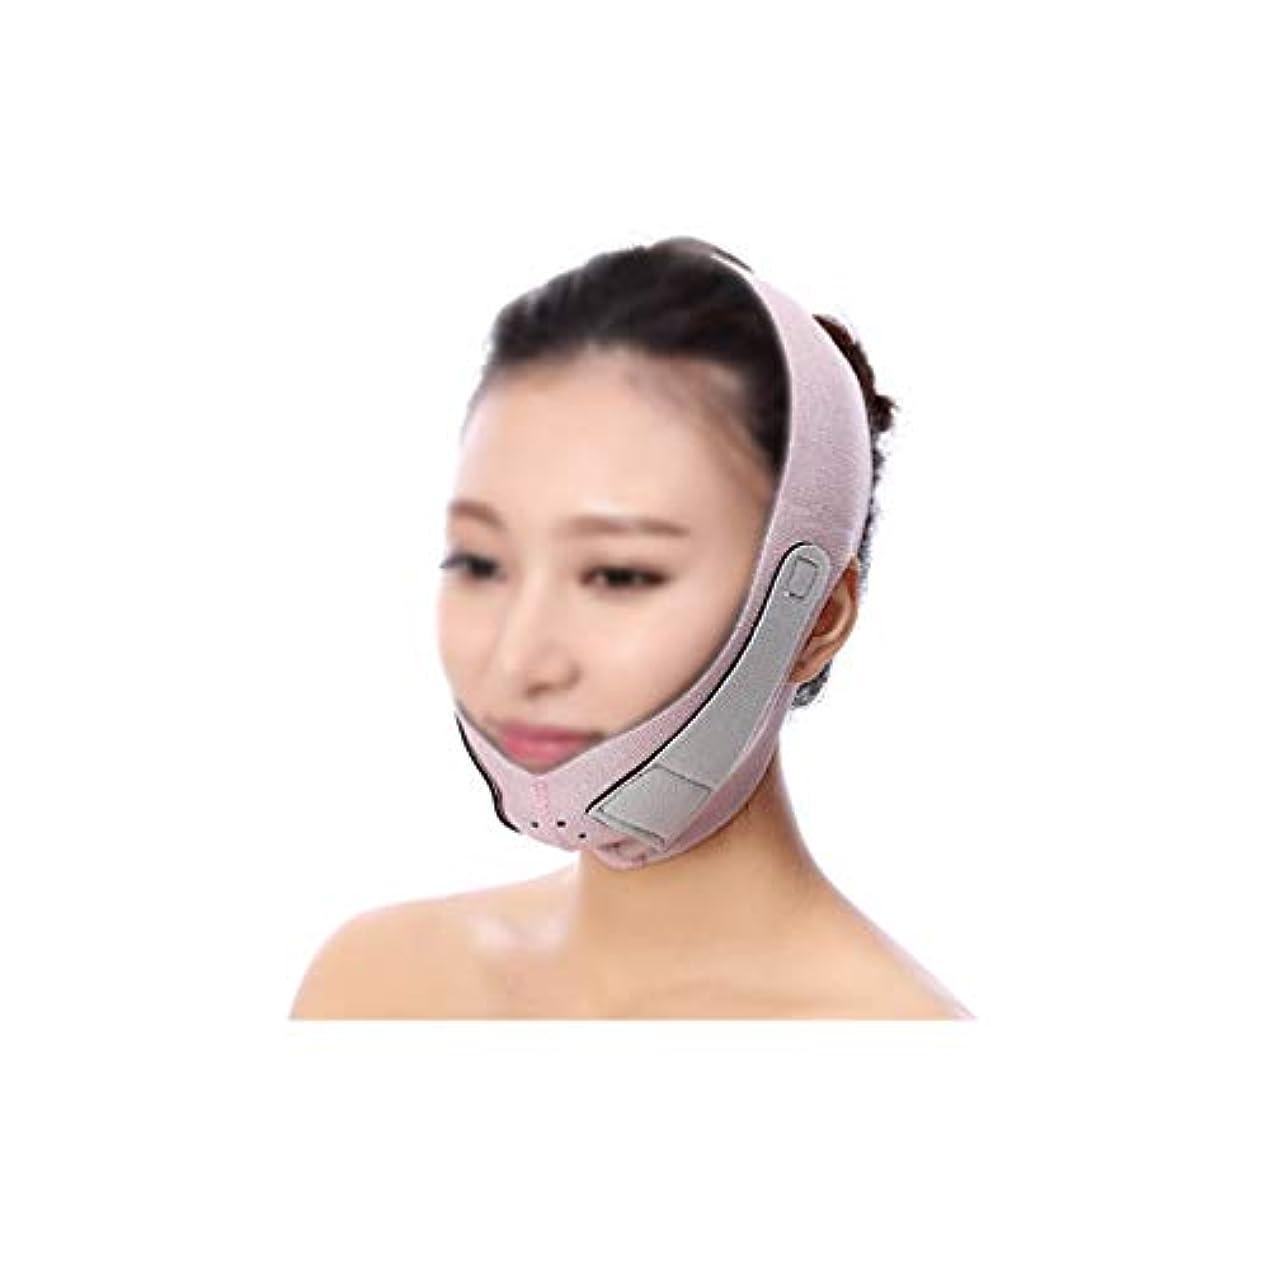 主導権圧力含めるGLJJQMY 薄い顔マスクあごストラップ回復包帯小さなV顔薄い顔アーティファクト睡眠強力なマスクフェイスリフティング包帯フェイシャルリフティングダブルチンリフティング引き締め 顔用整形マスク